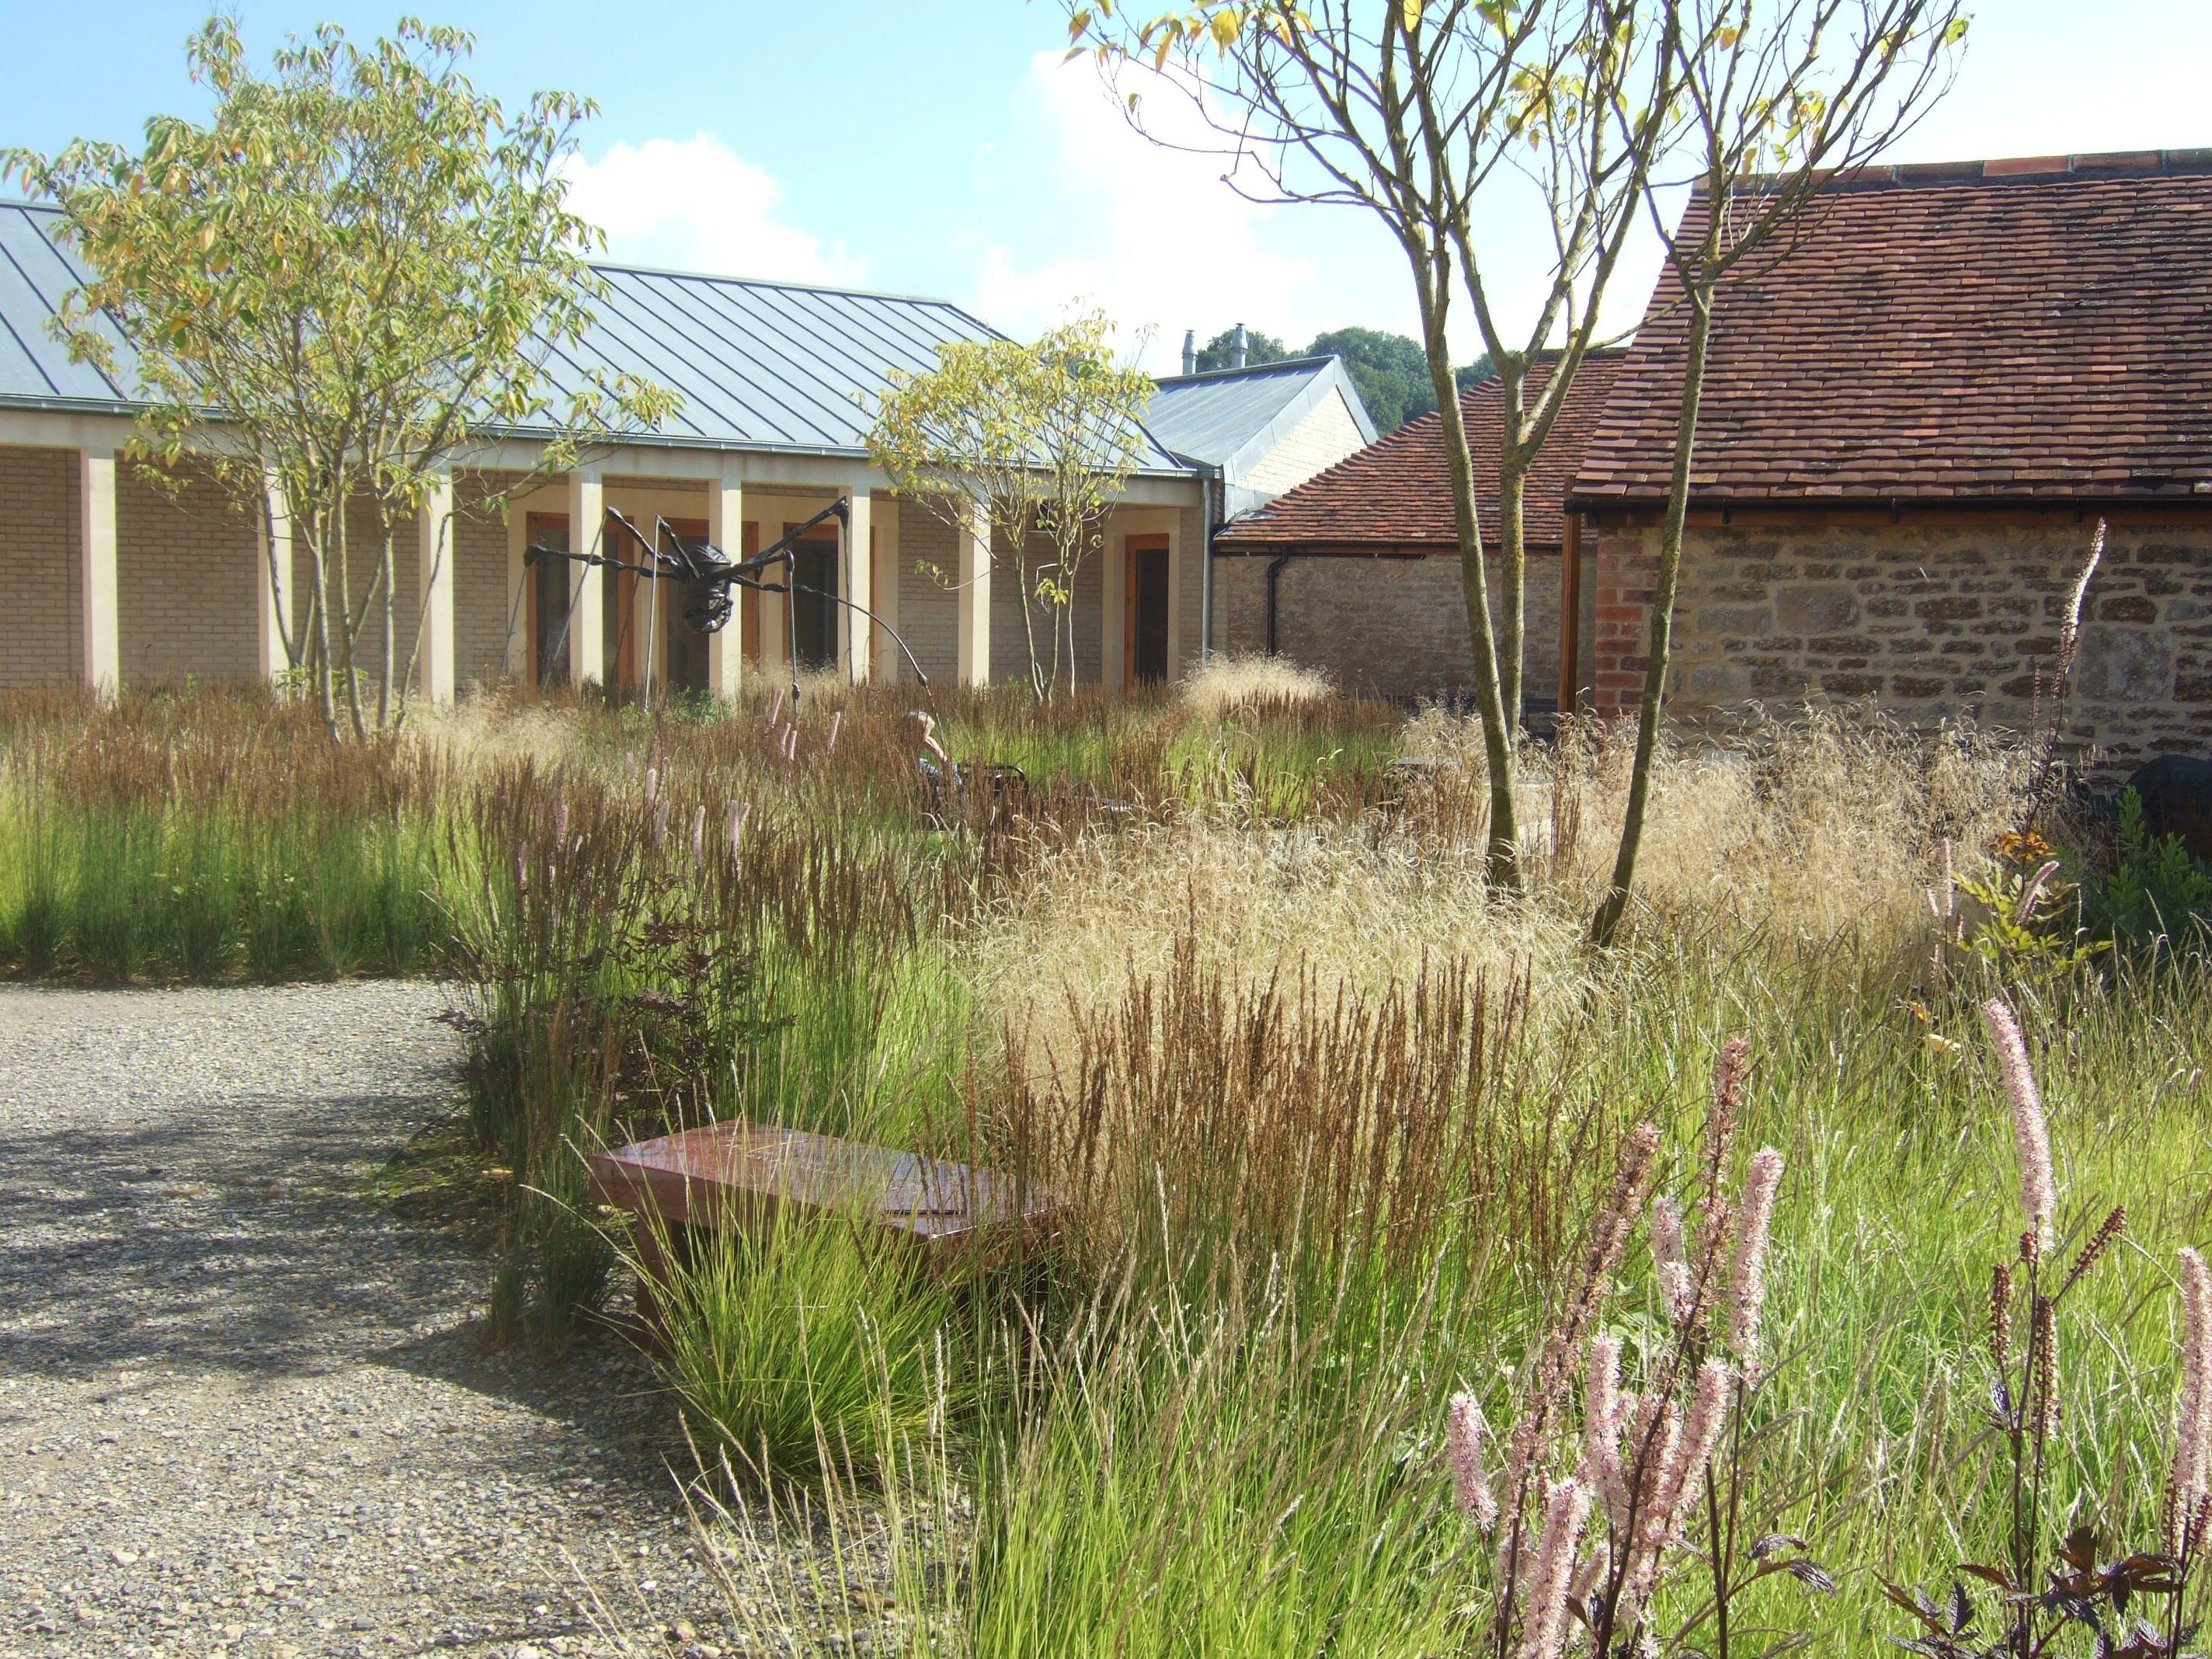 The Piet Oudolf Garden At Hauser Wirth Bruton 400 x 300